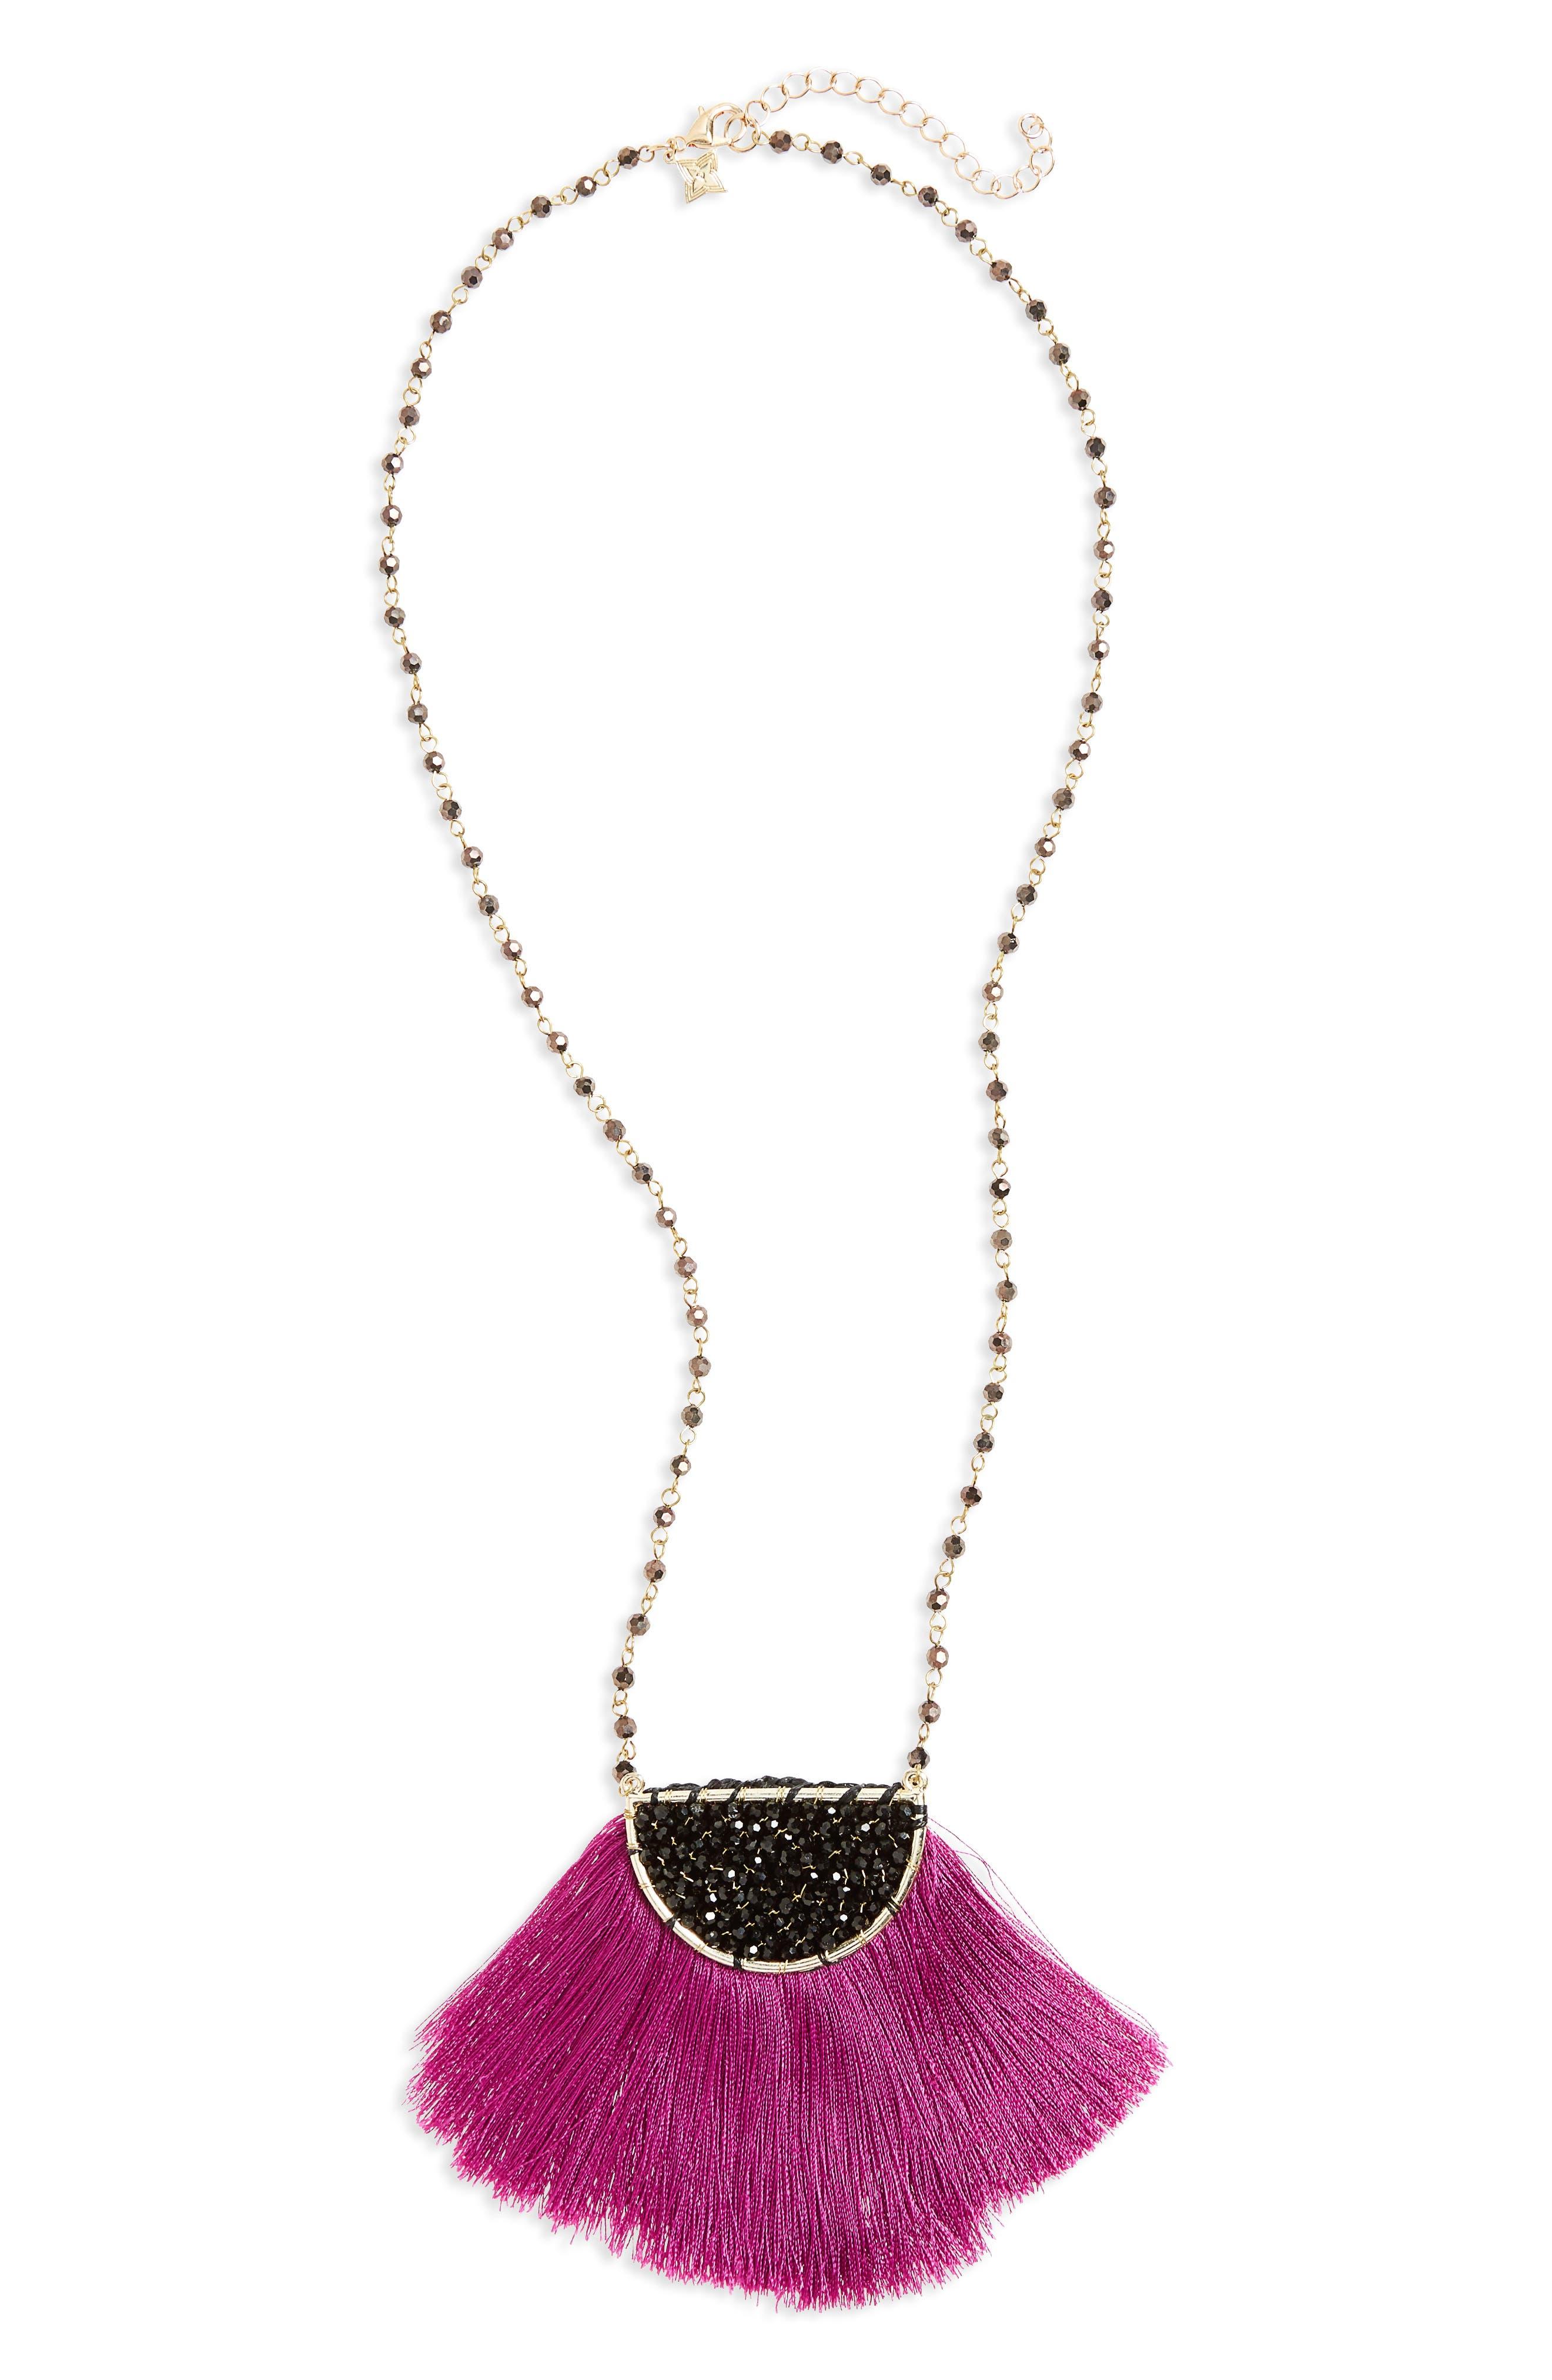 Panacea Fringe Pendant Necklace